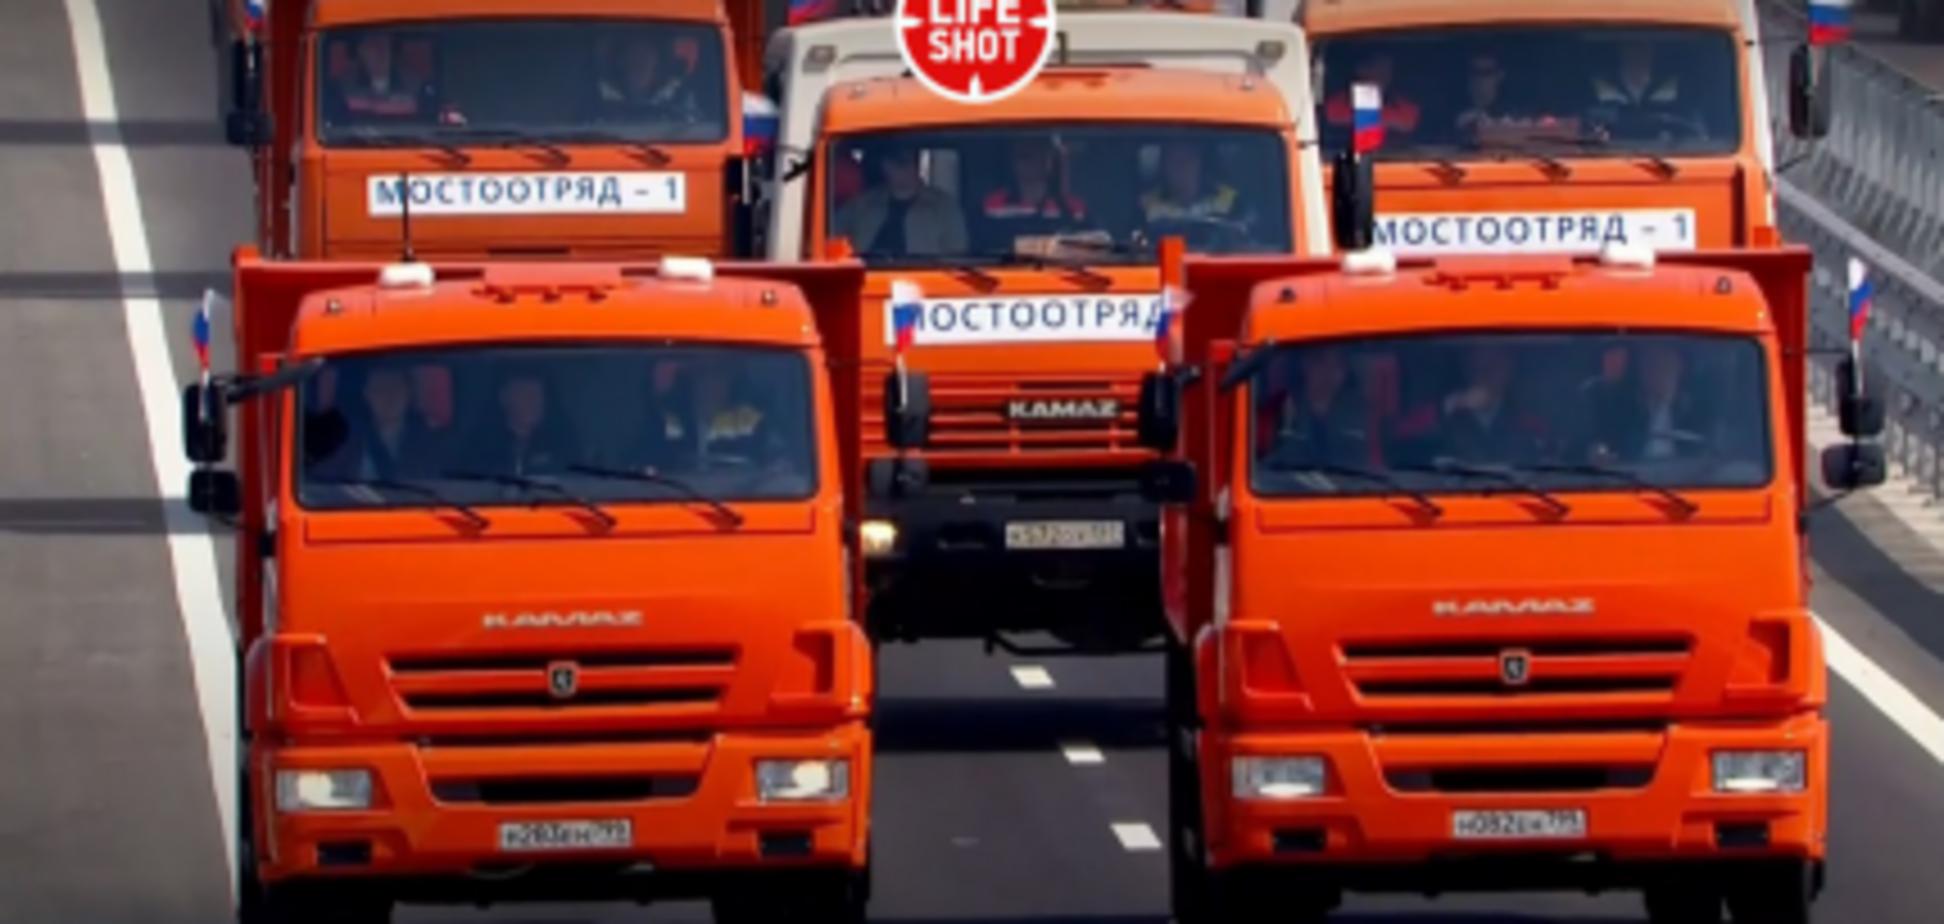 'Чуть не разрушил мост!' Путин за рулем КамАЗа рассмешил сеть